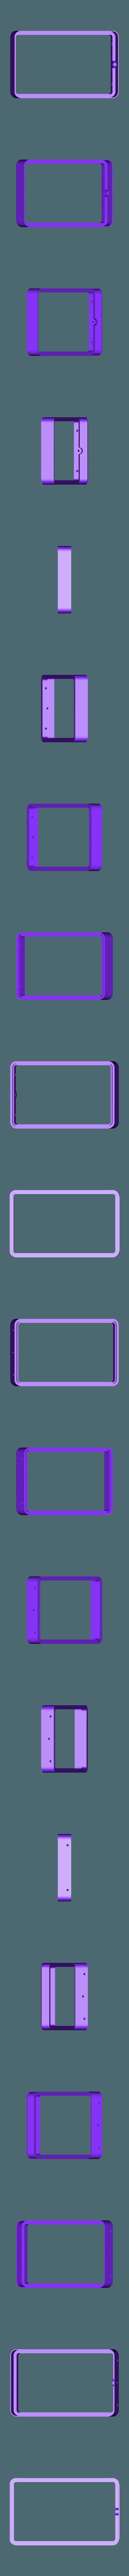 PrusaFrame.stl Télécharger fichier STL gratuit Prusa MMU2S Boîte sèche • Plan pour impression 3D, DK7